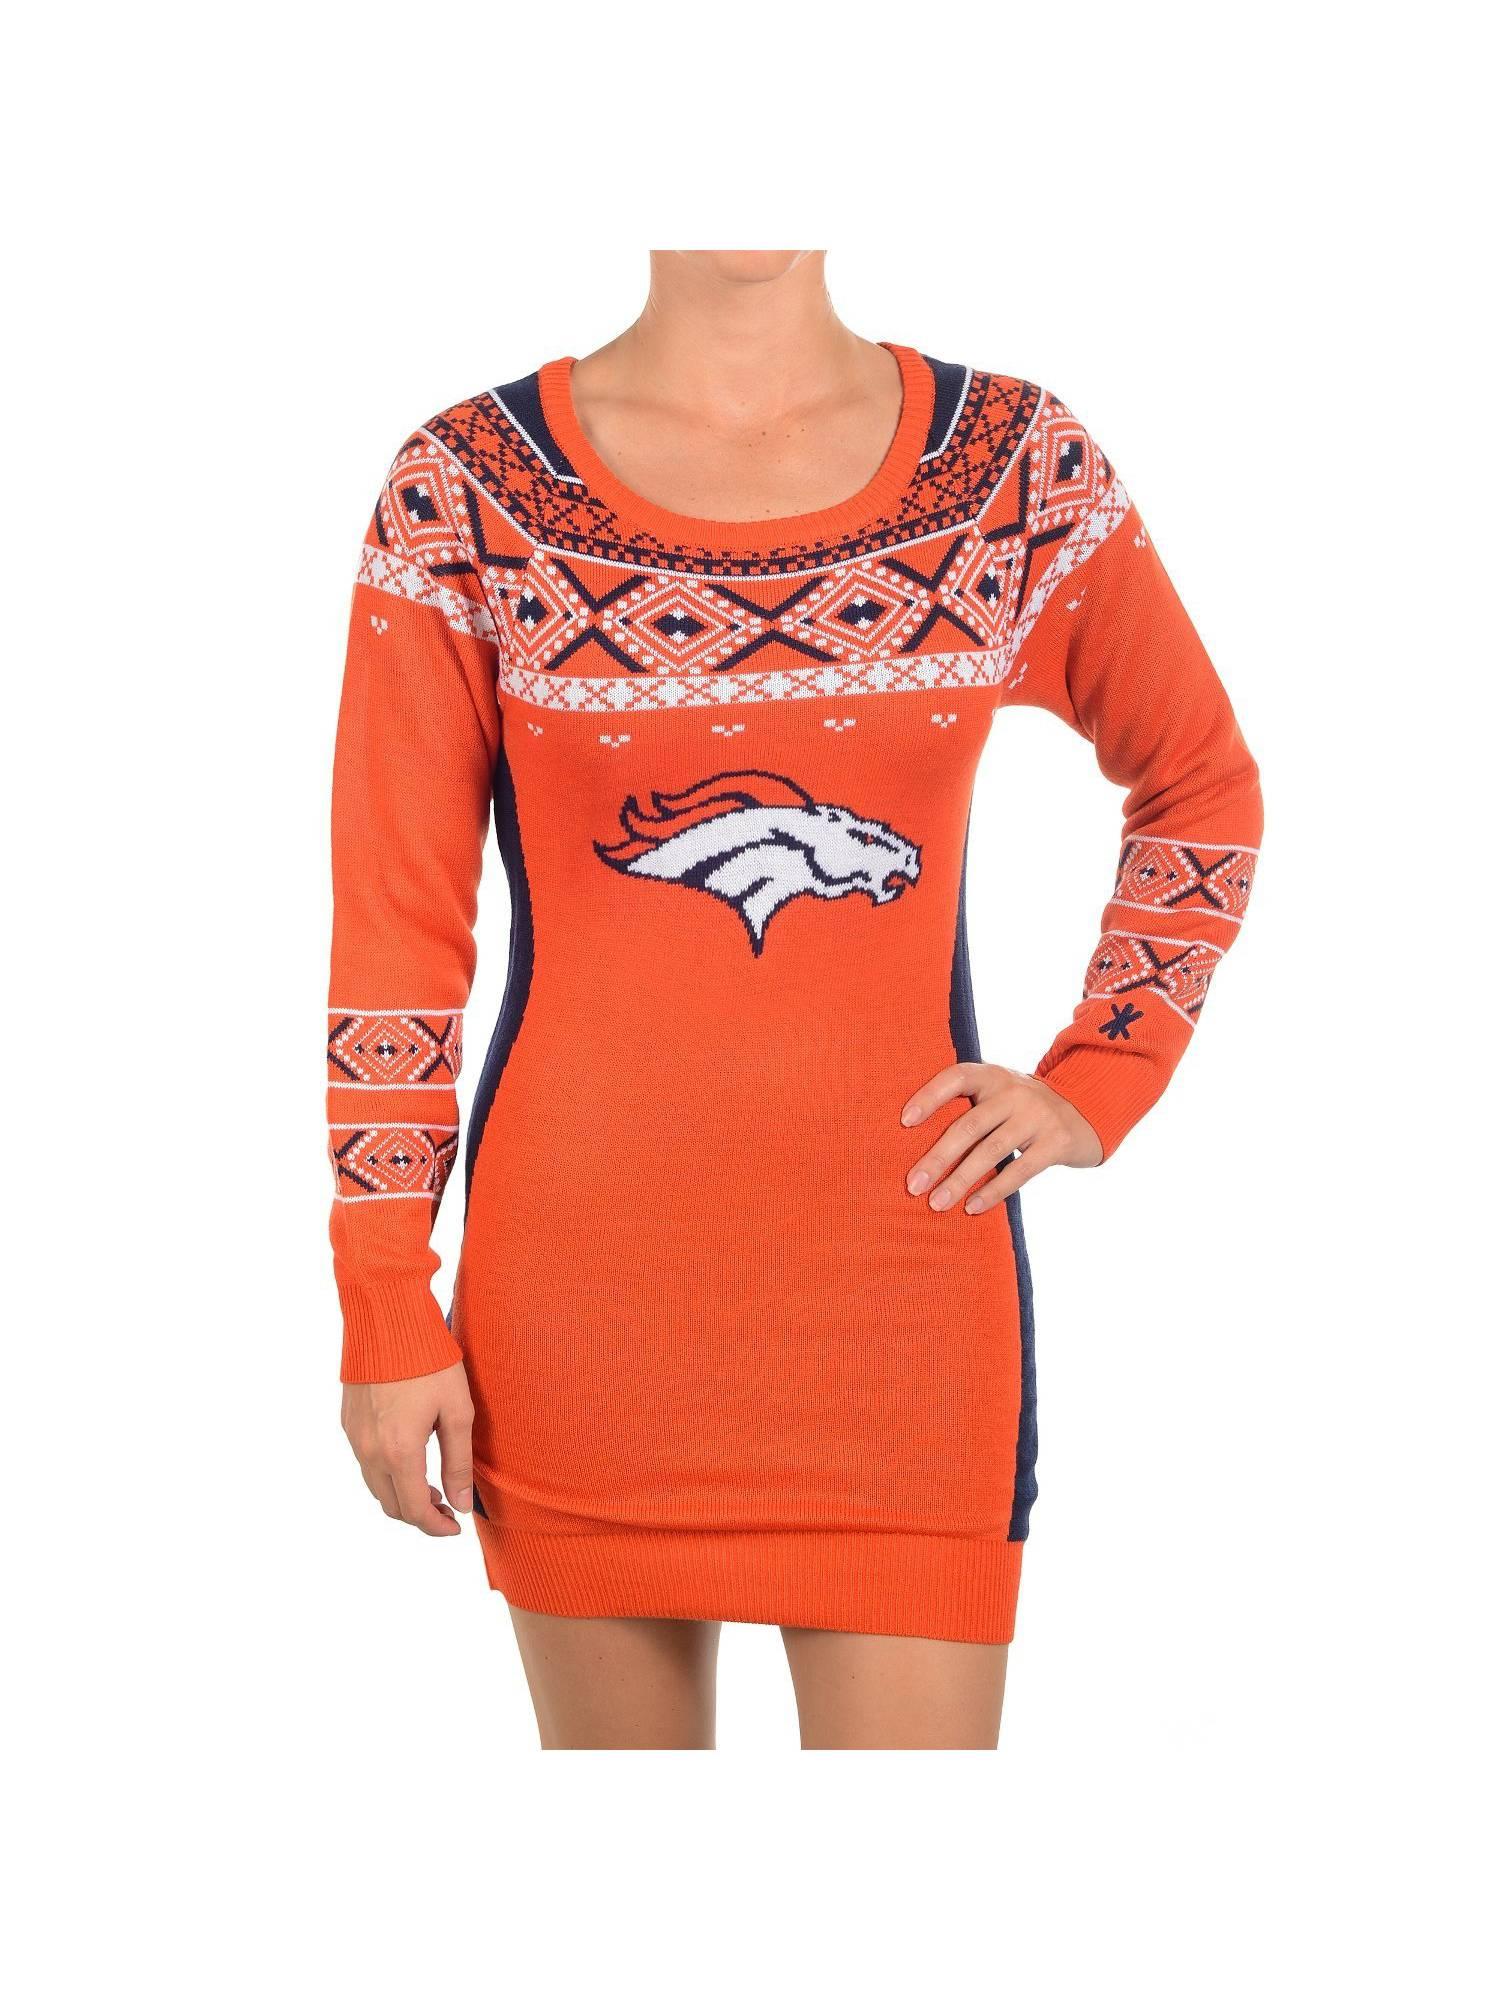 b46d98e8 NFL Football 2015 Womens Big Logo Sweater Dress - Denver Broncos ...